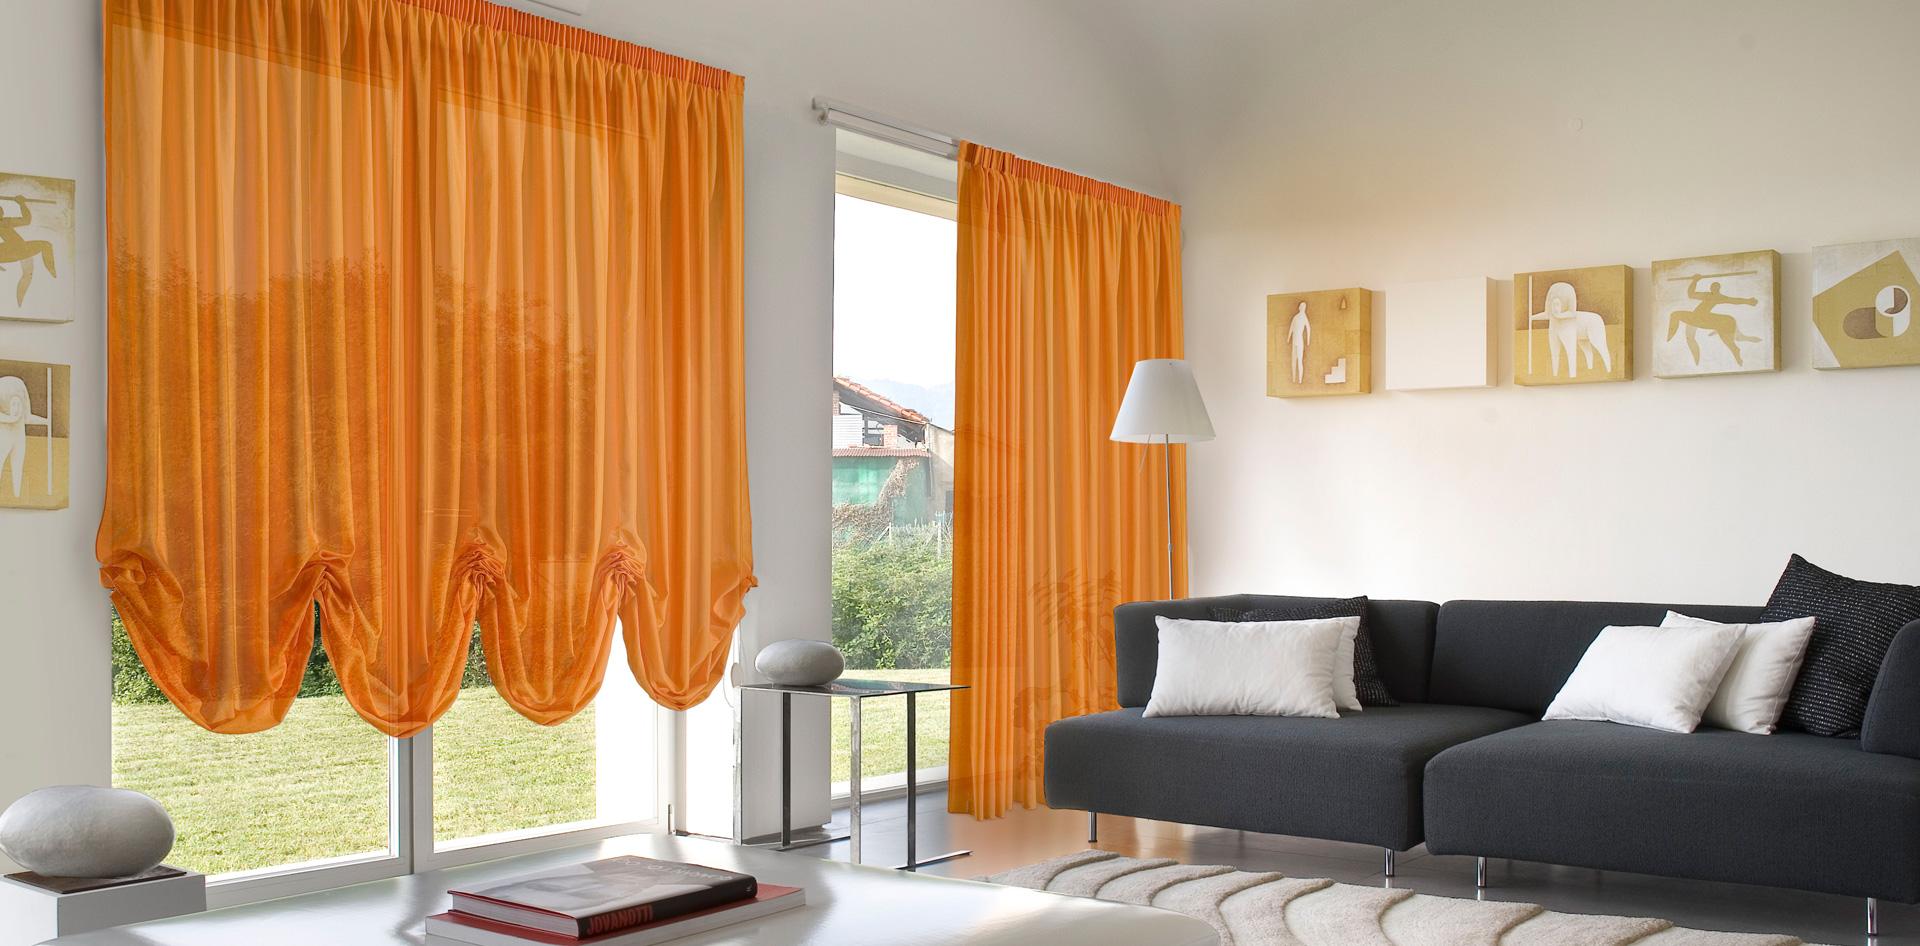 Vendita di tende da interno esterno e tecniche gazebo for Tende per arredare casa